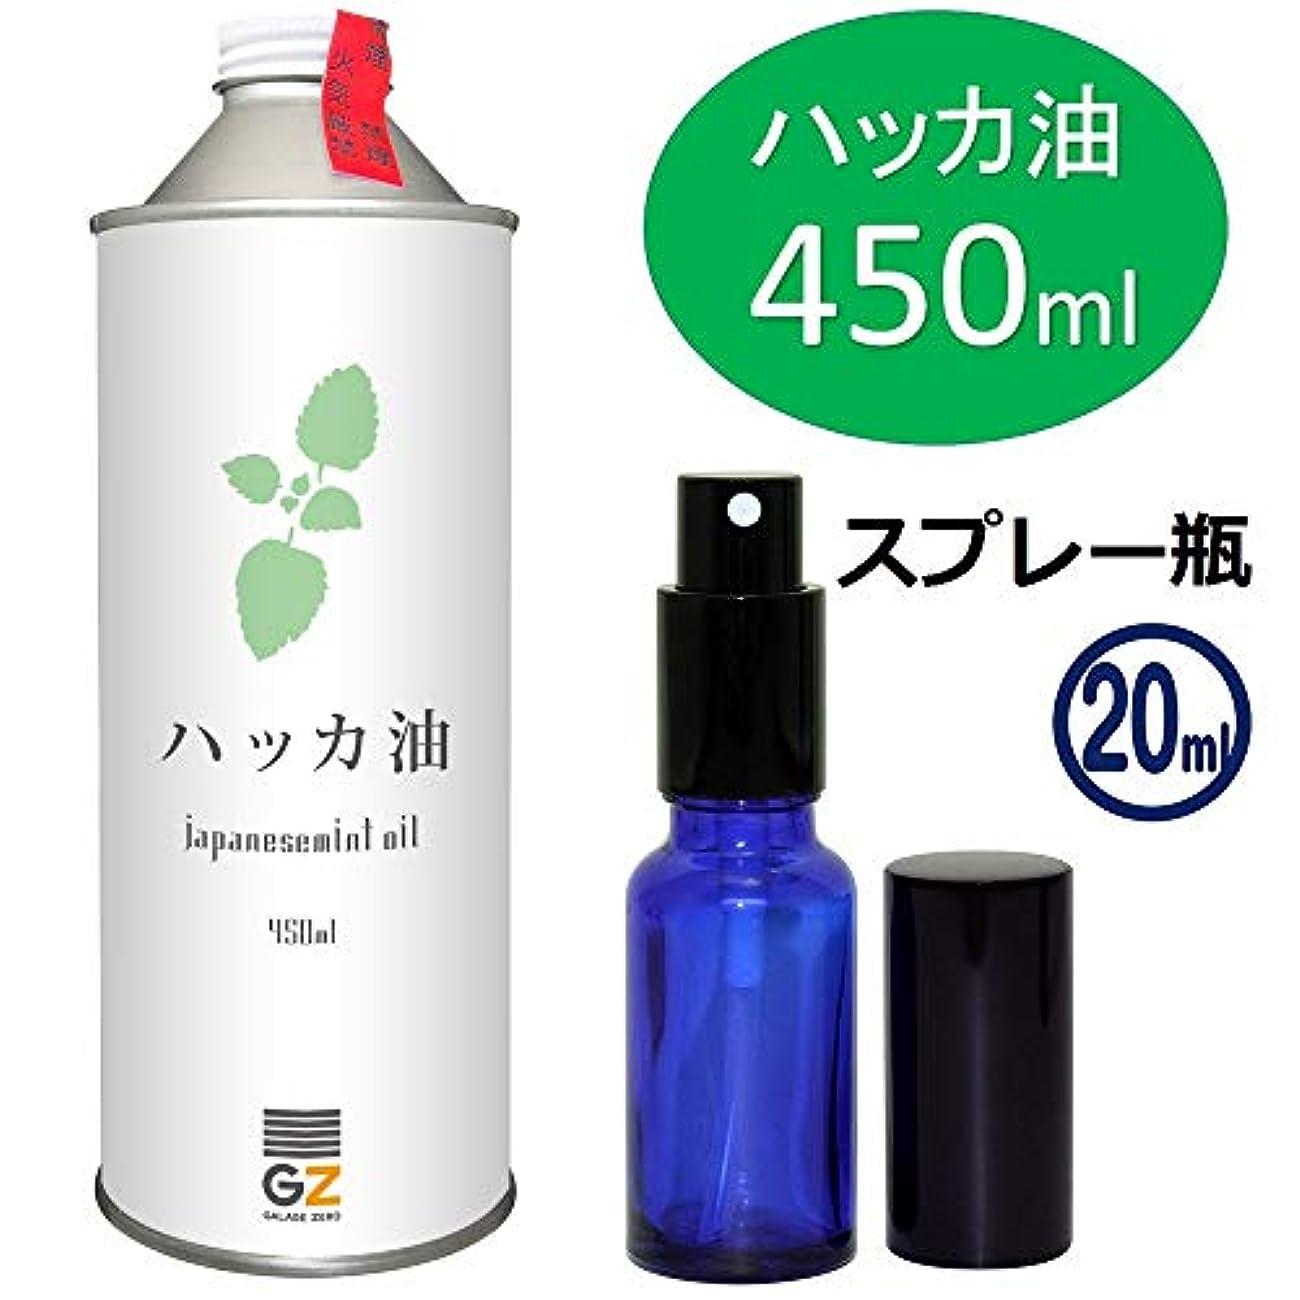 イベント不適裏切り者ガレージ?ゼロ ハッカ油 450ml(GZAK13)+ガラス瓶 スプレーボトル20ml/和種薄荷/ジャパニーズミント GSE534